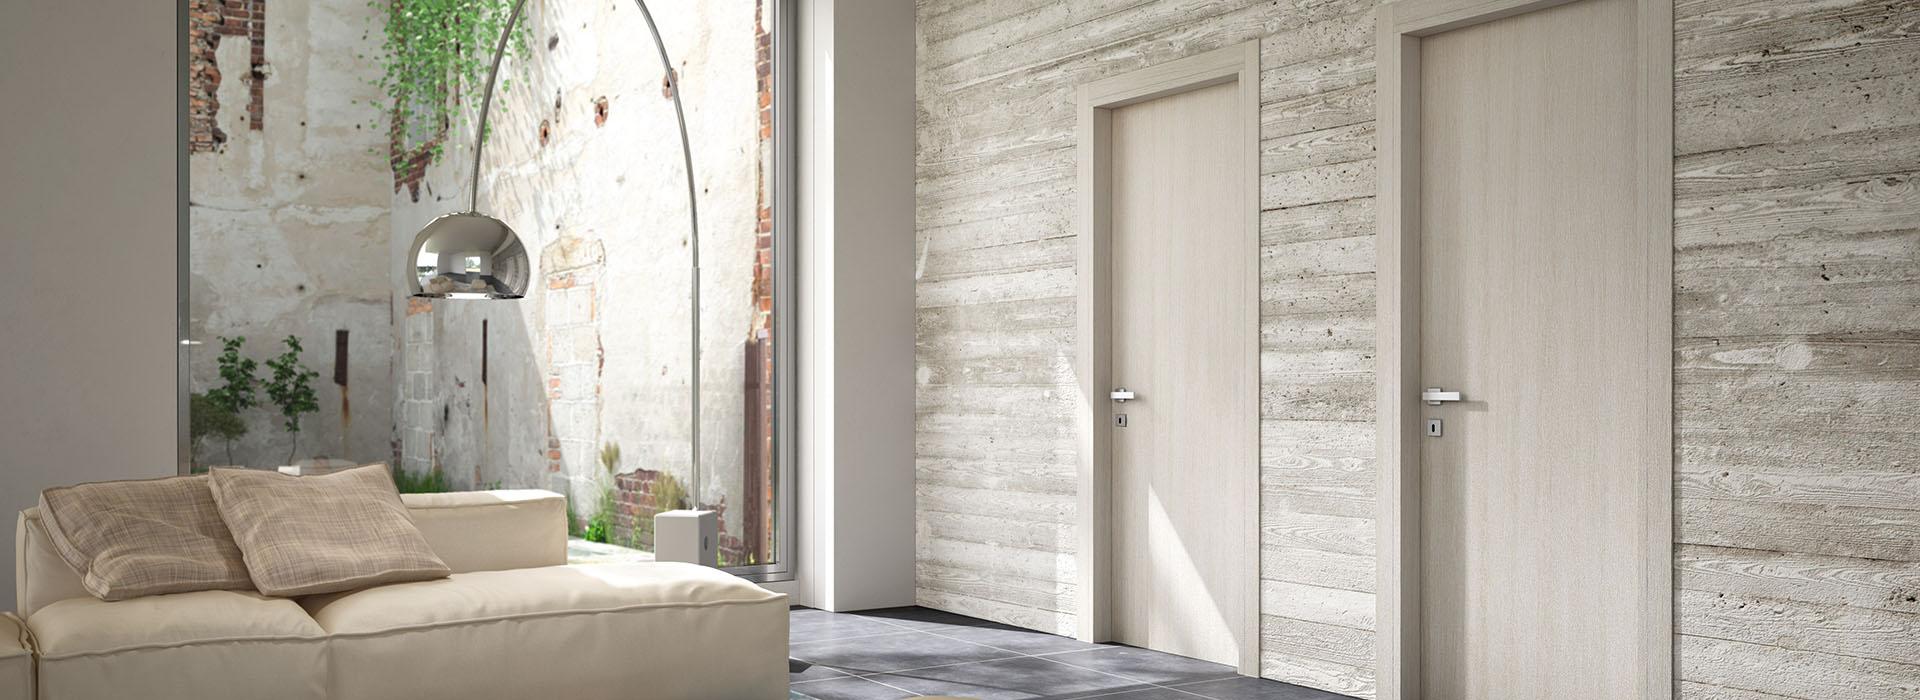 Migliori Maniglie Per Porte Interne finestrare | progettazione e vendita porte e serramenti - lecco